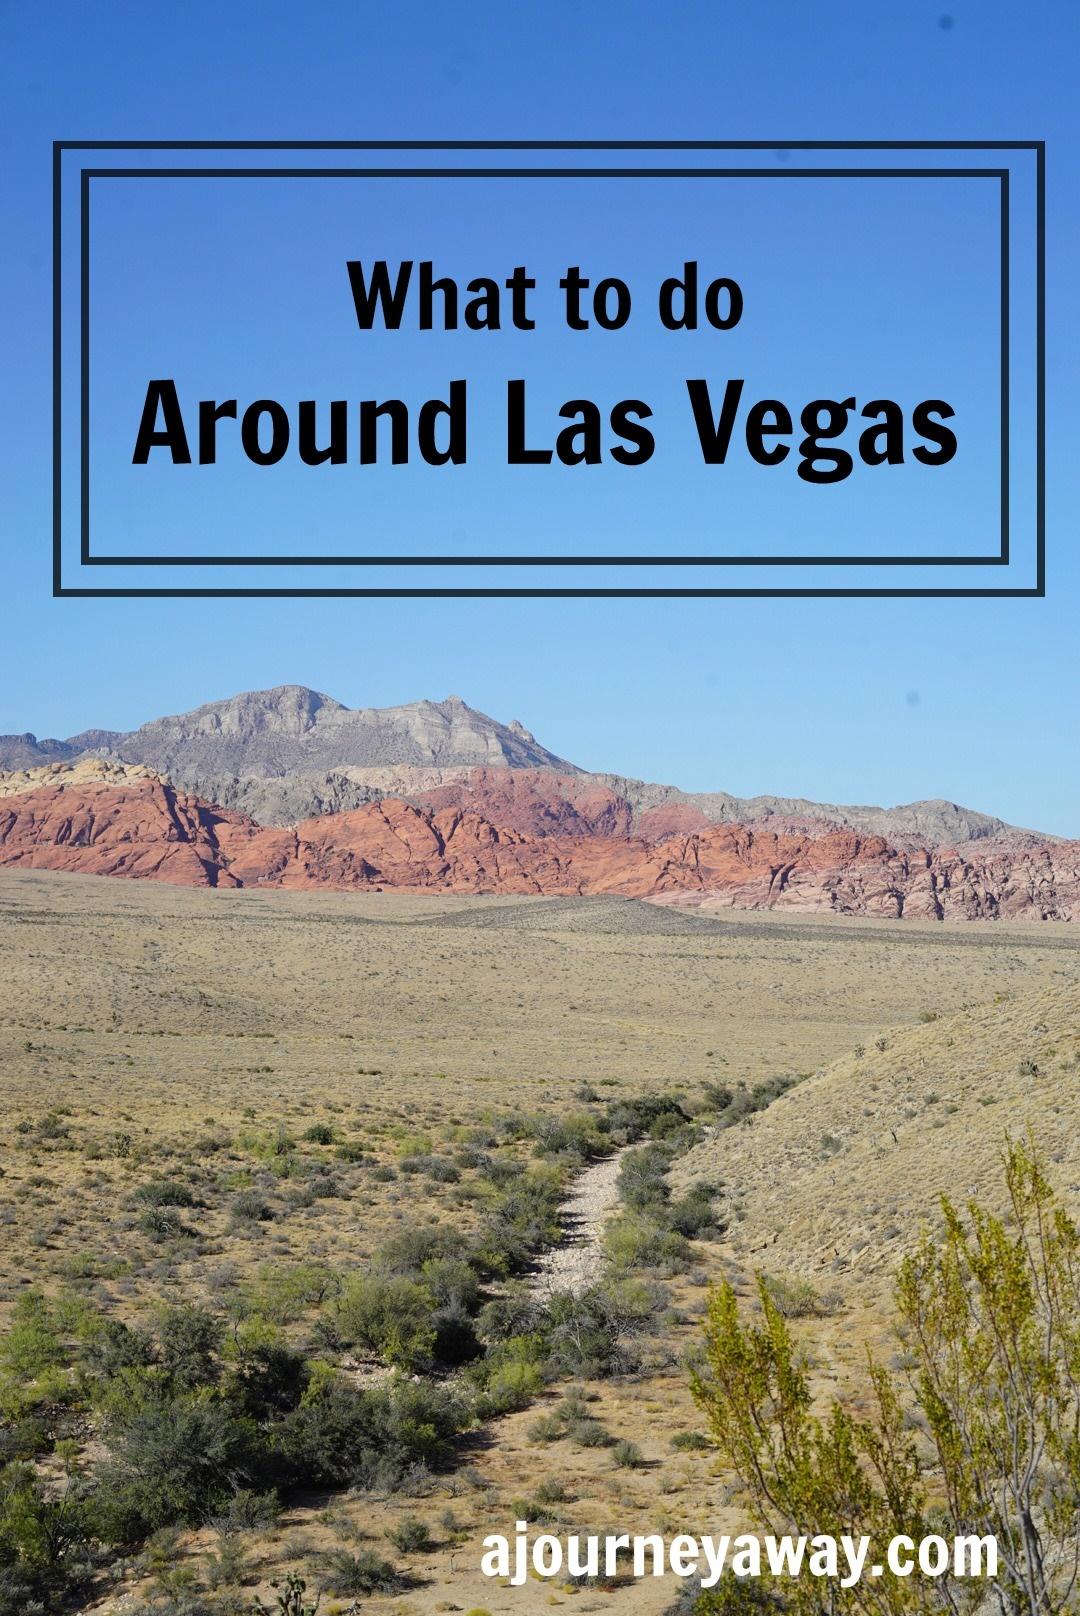 What to do around Las Vegas